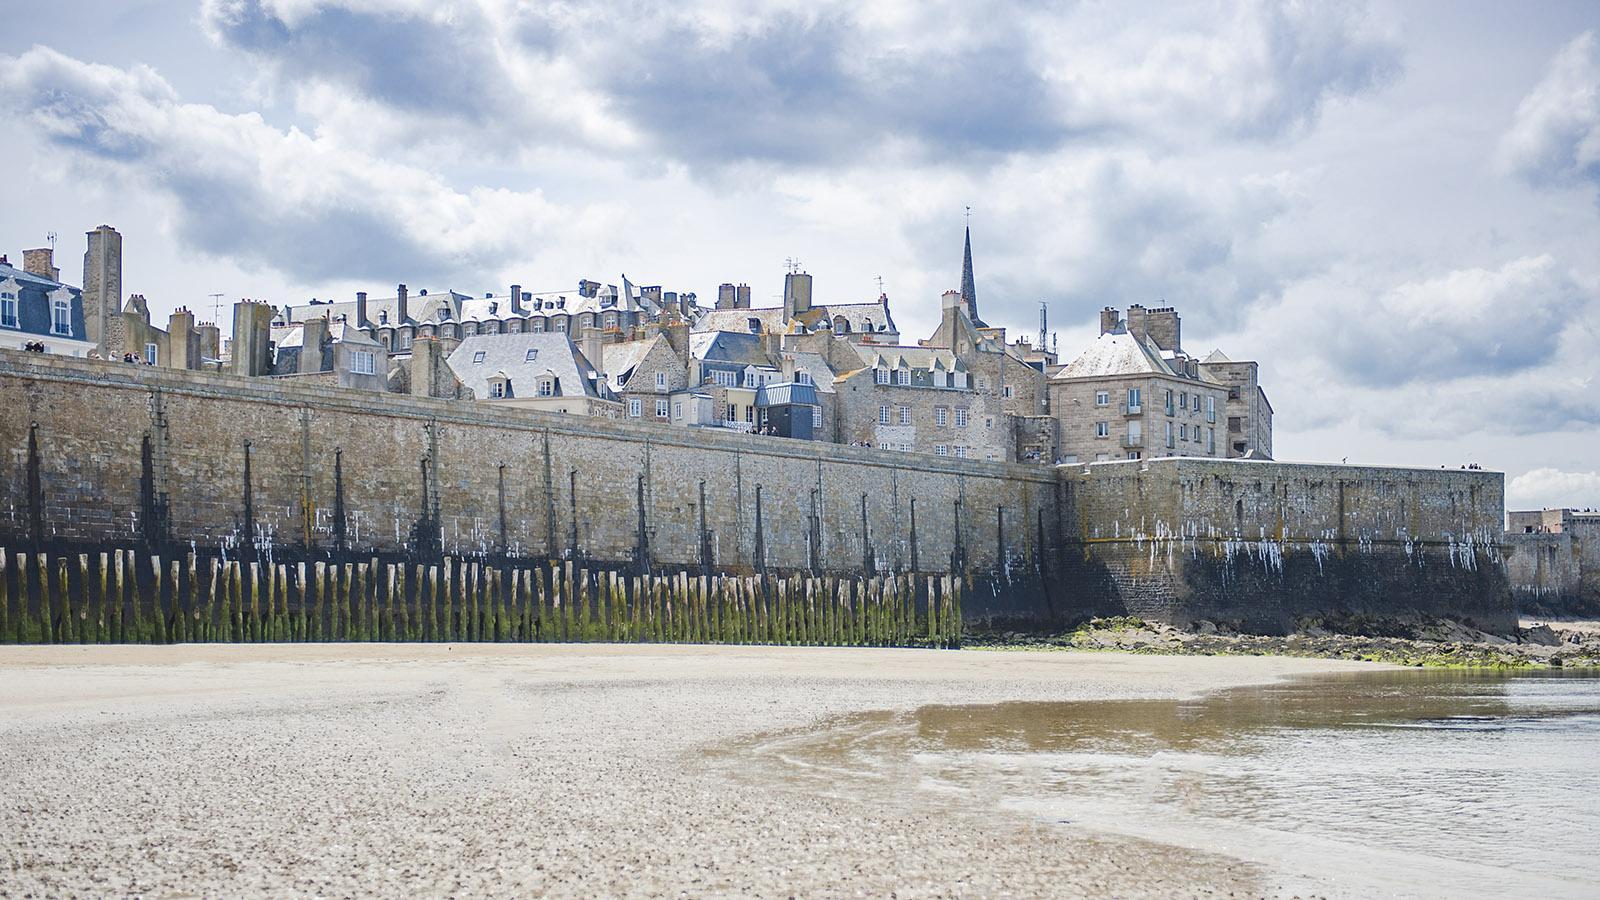 Bllick vom Strand an der Burg auf die <em>ville close</em>. Foto: Hilke Maunder